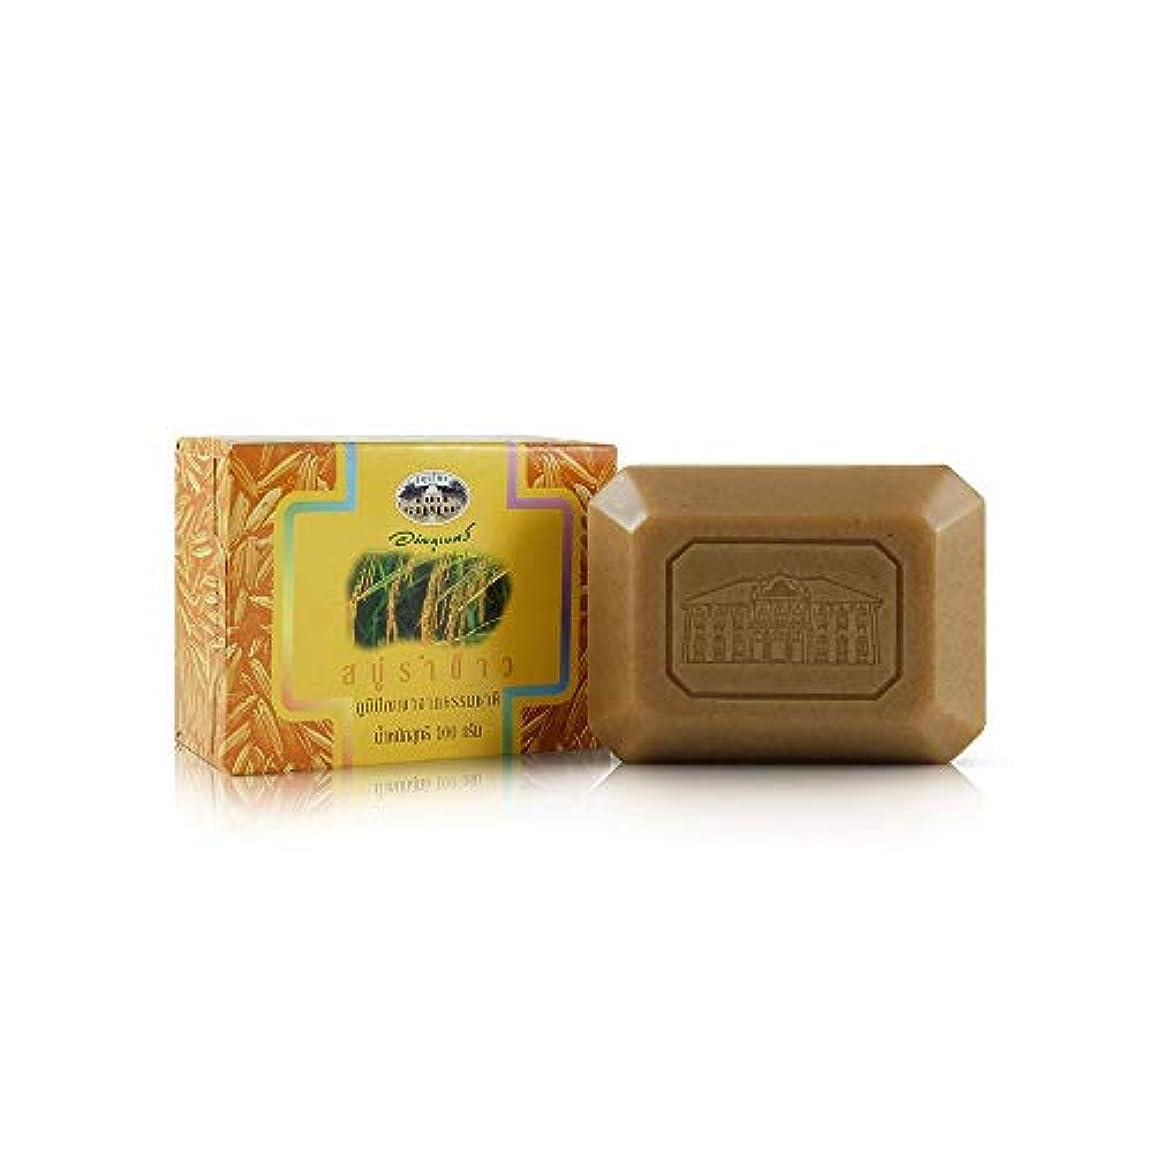 慈善まで掃くAbhaibhubejhr Rice Bran Herbal Body Cleansing Soap 100g. Abhaibhubejhrライスブランハーブボディクレンジングソープ100グラム。